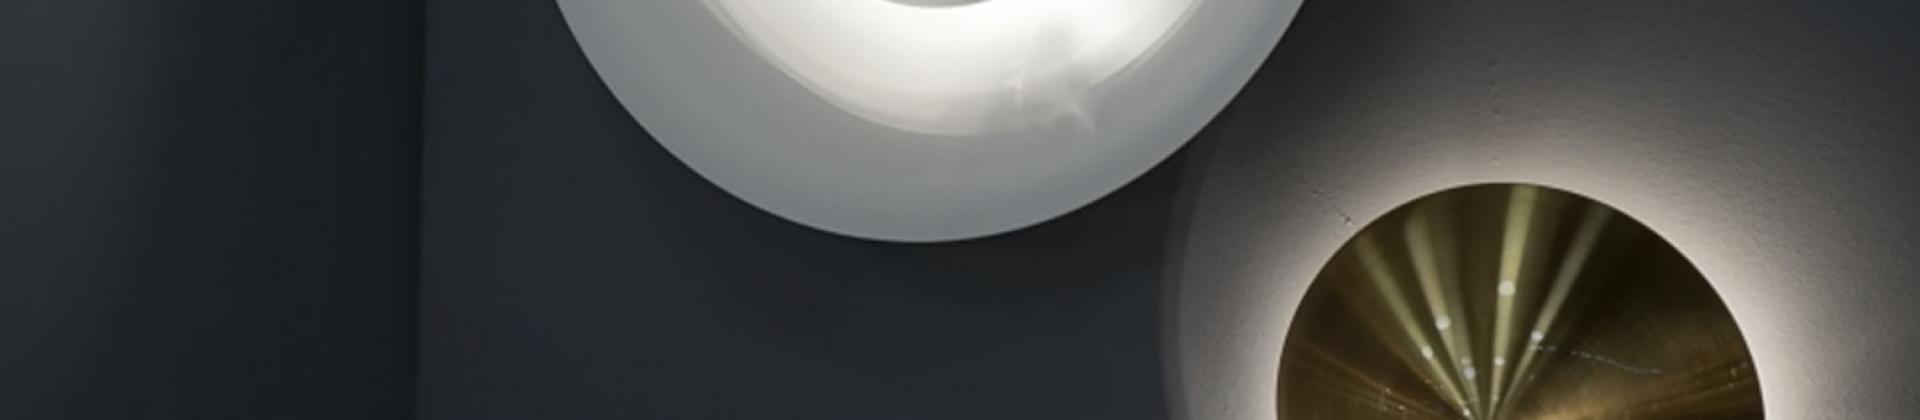 Aromas Tischlampen - Lámparas de diseño